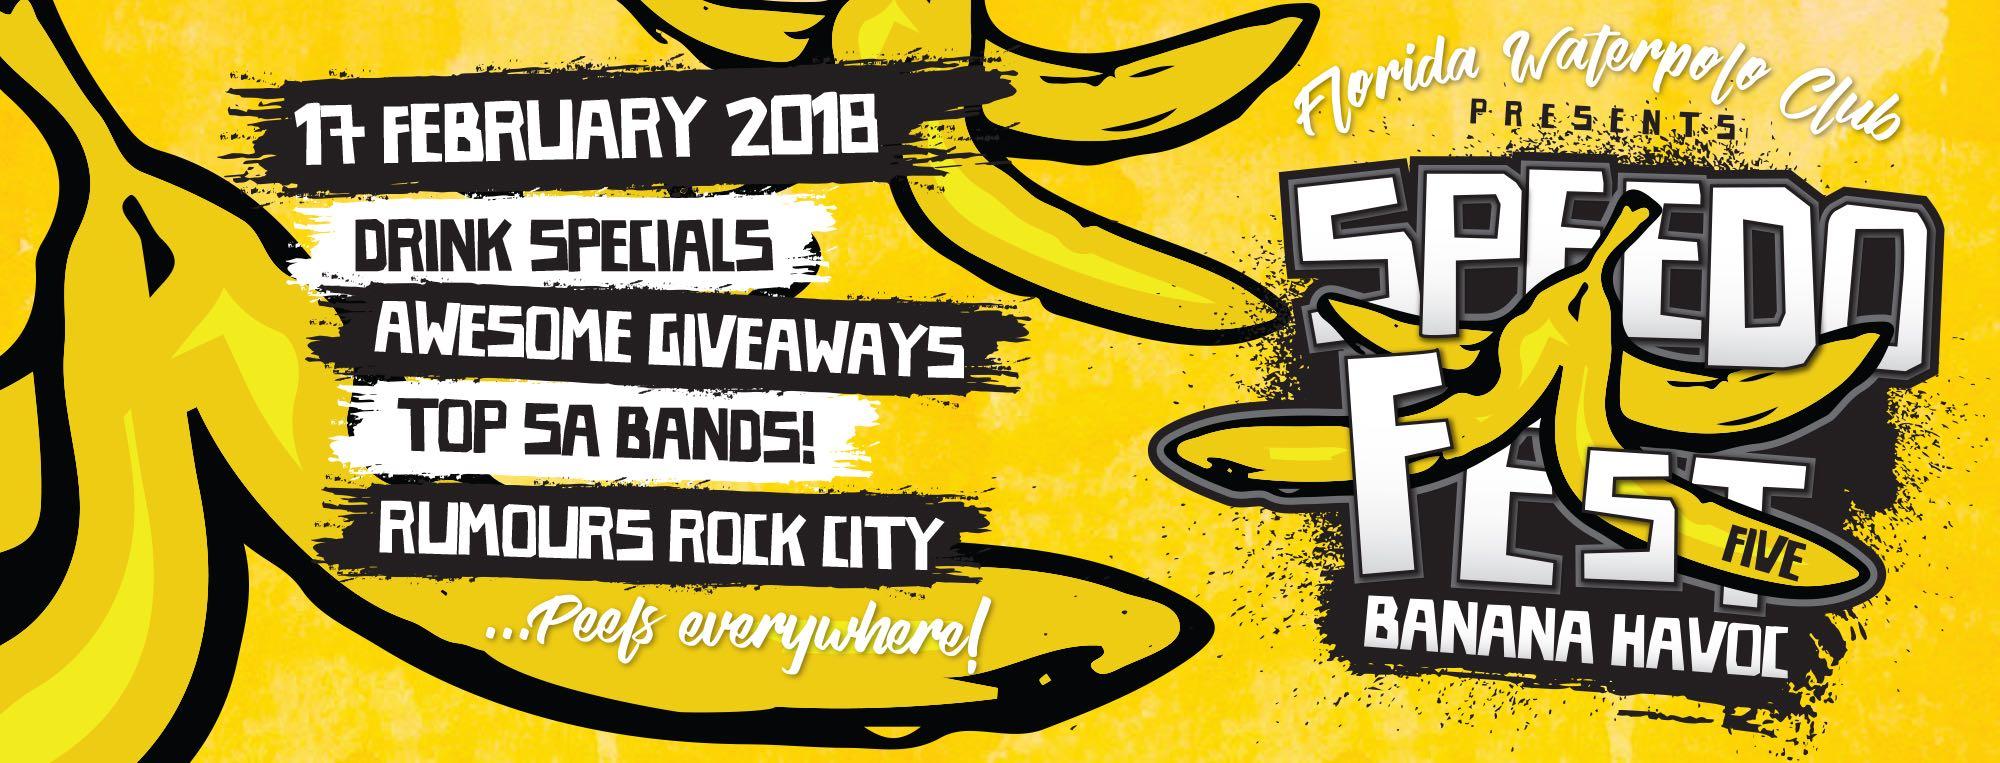 Details for Speedofest 5 Banana Havoc Music Festival